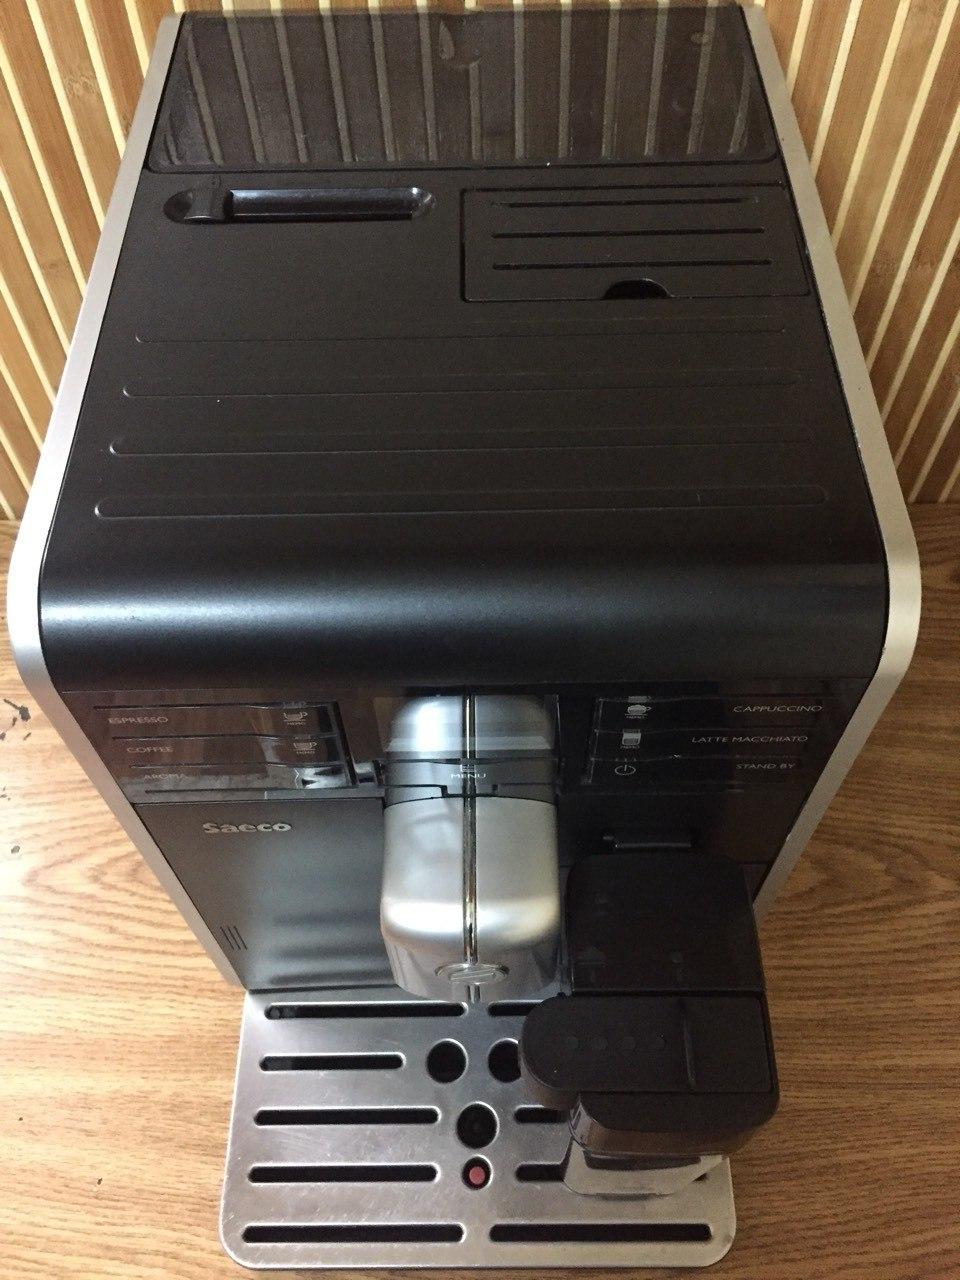 Така кавоварка підійде для будь-якої квартири. Навіть у маленькій кухні знайдеться місце для такої компактної моделі.